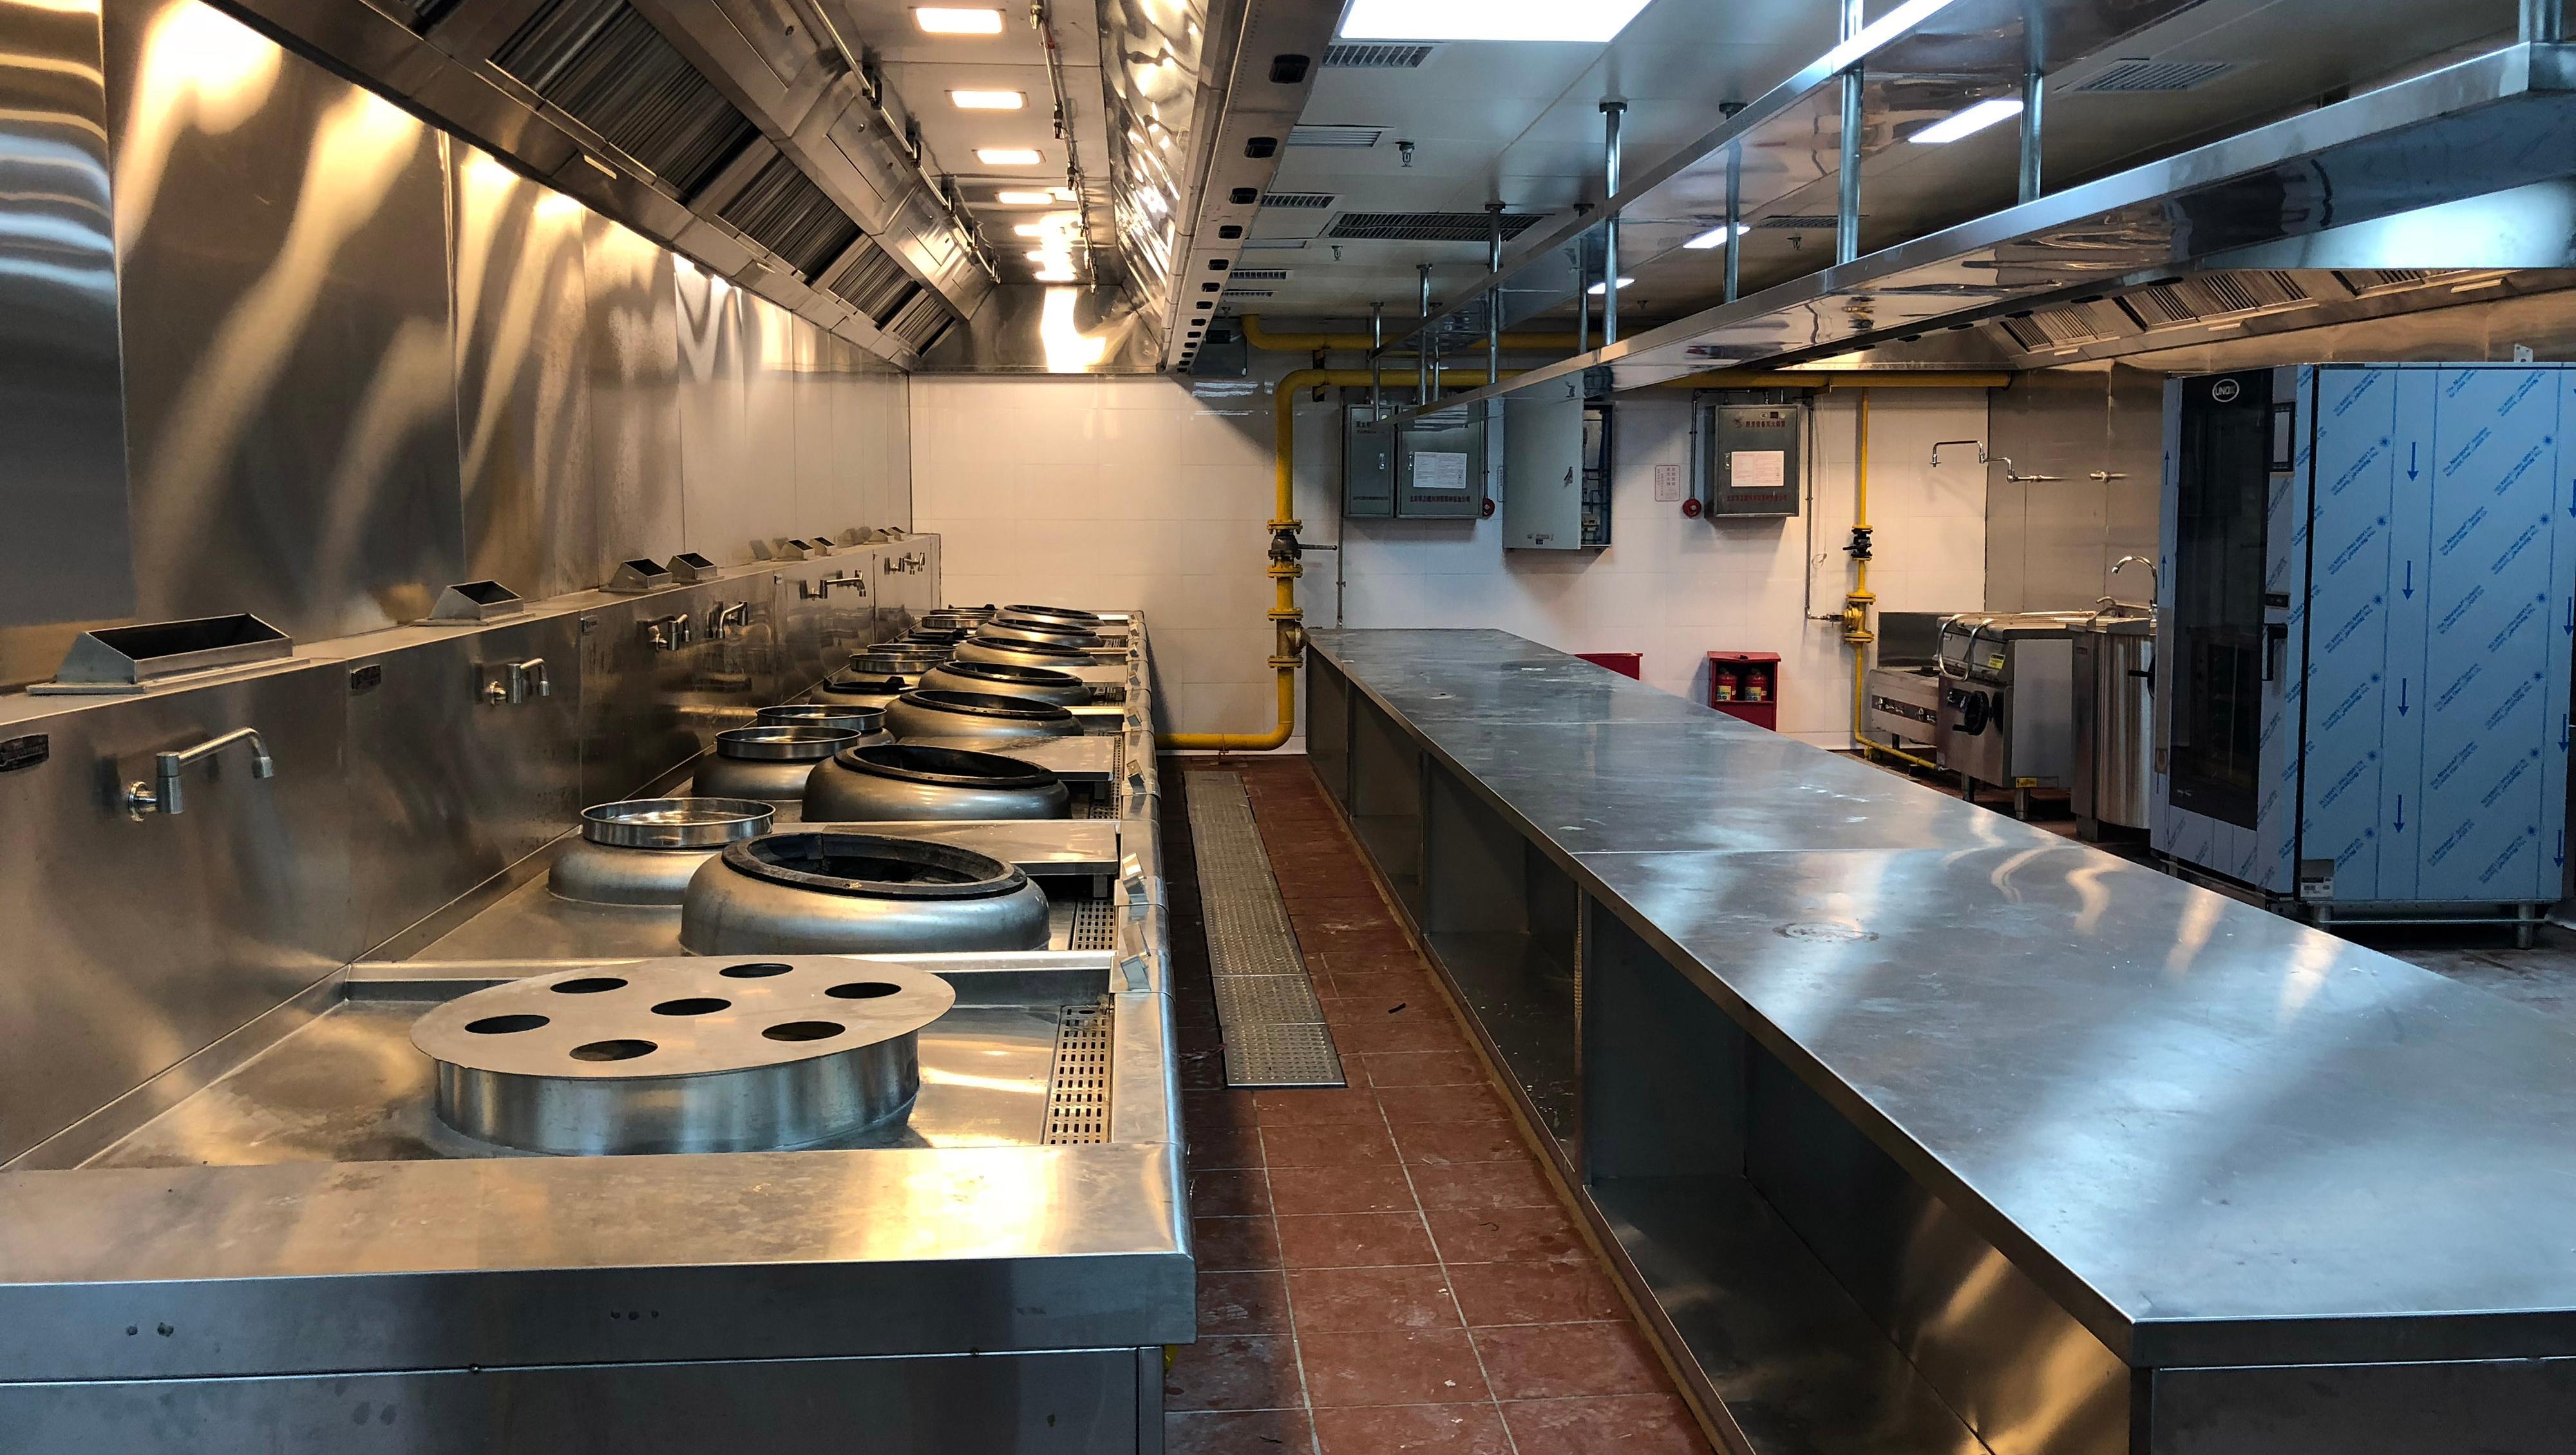 商用厨房设备分类及安装、保养要点——锦华厨具